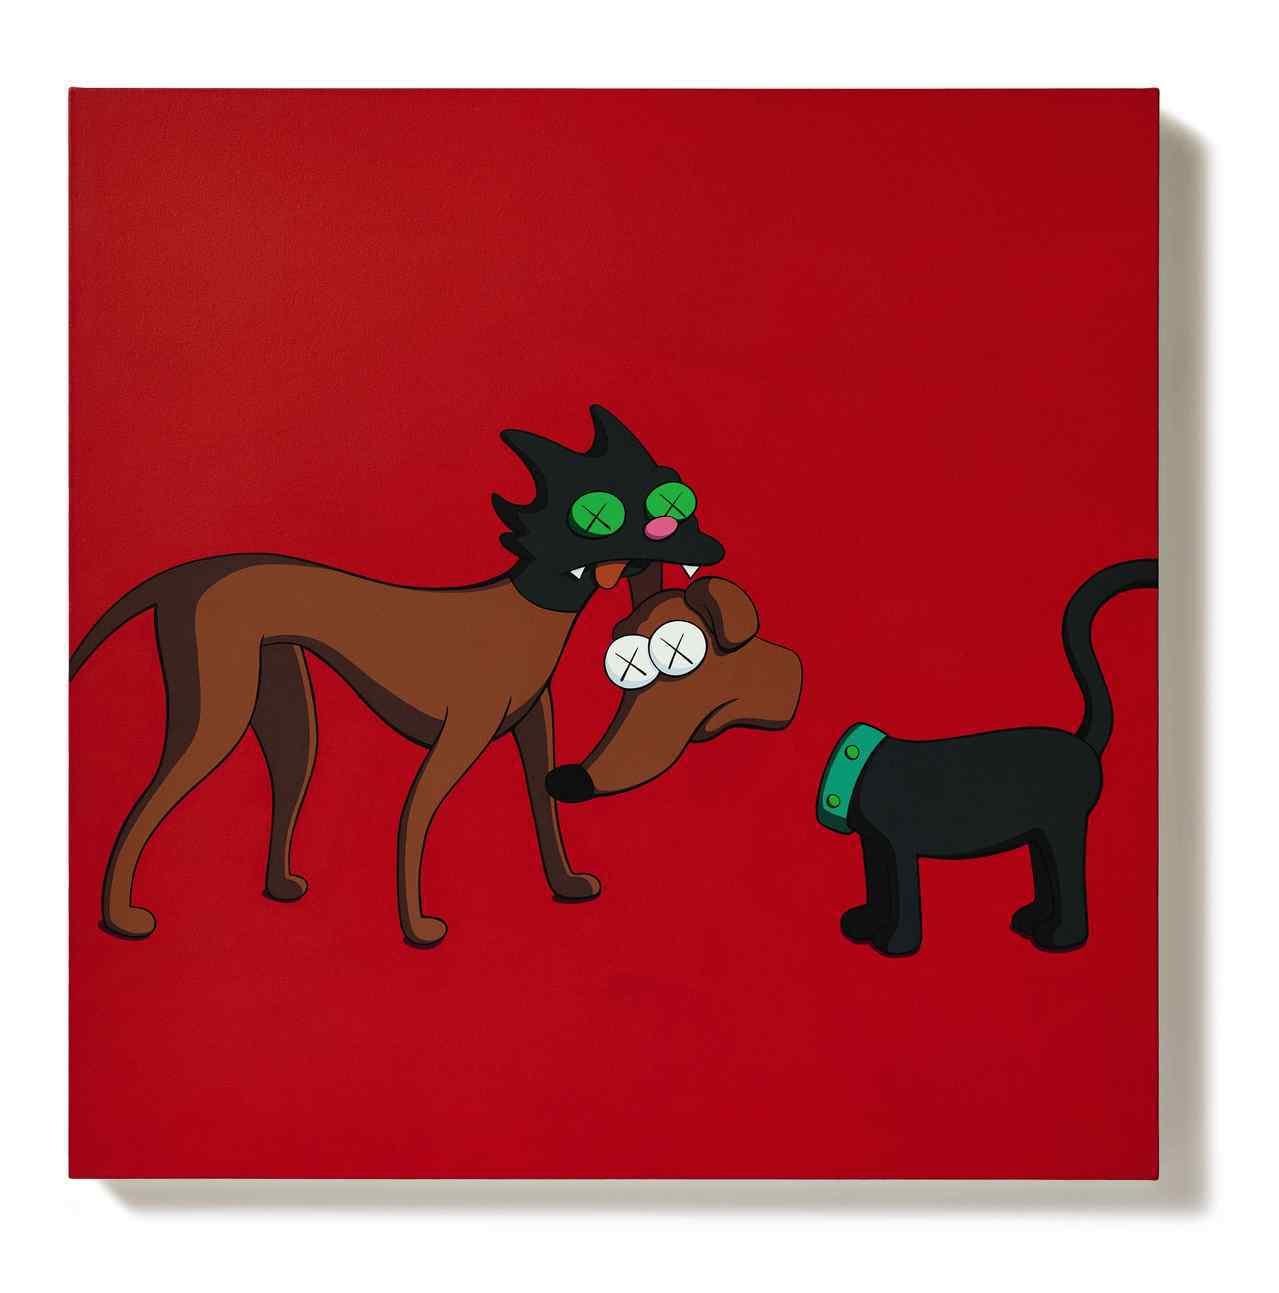 第四高價的拍品為KAWS的這幅KIMPSONS SERIES,成交價約2,900...